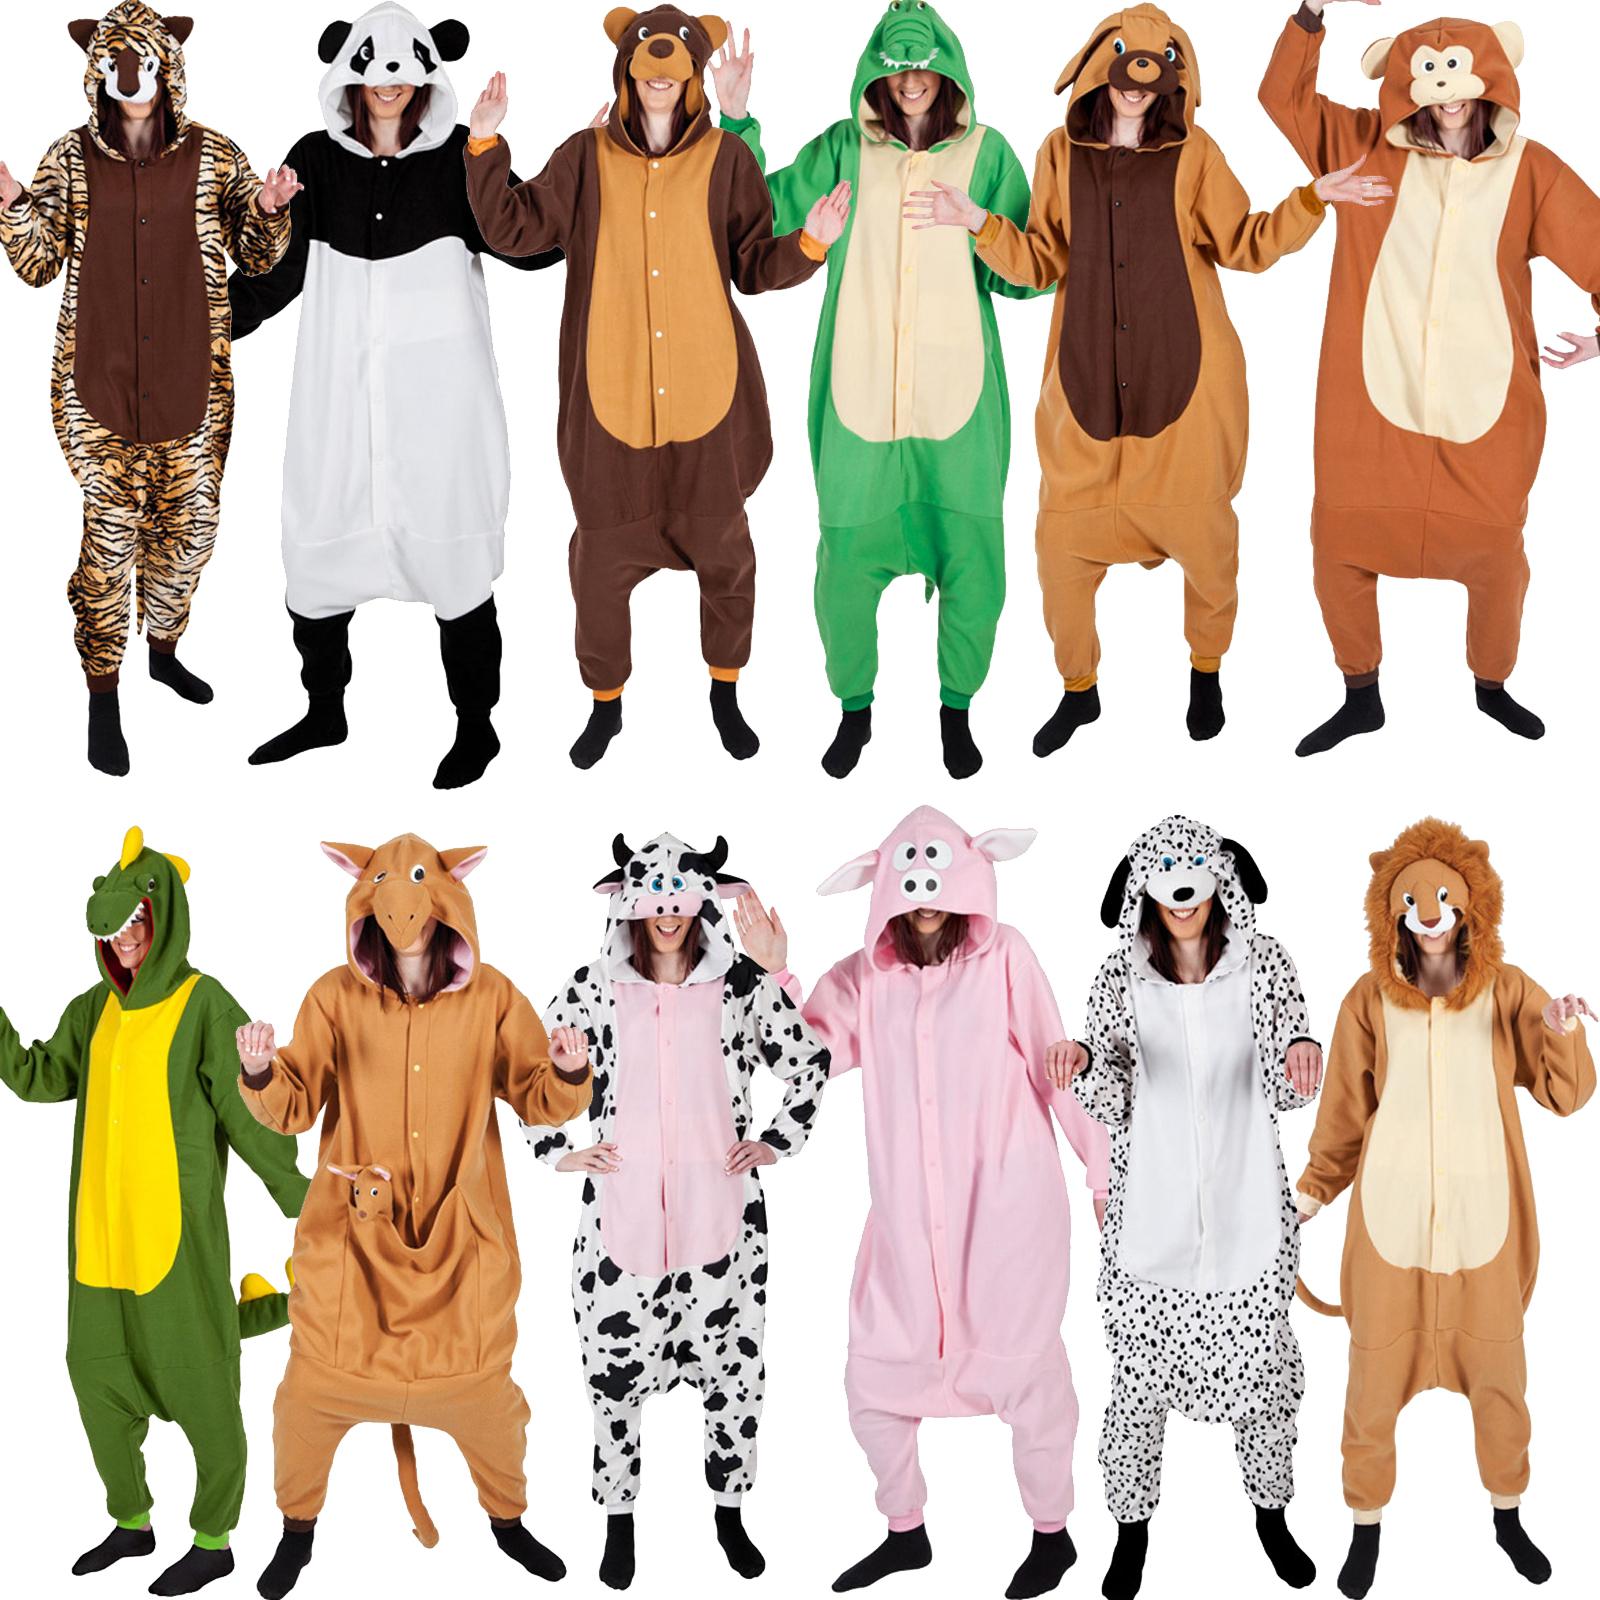 Adult Animal Onesies | Shark Onesie for Adults | Onesie Costumes